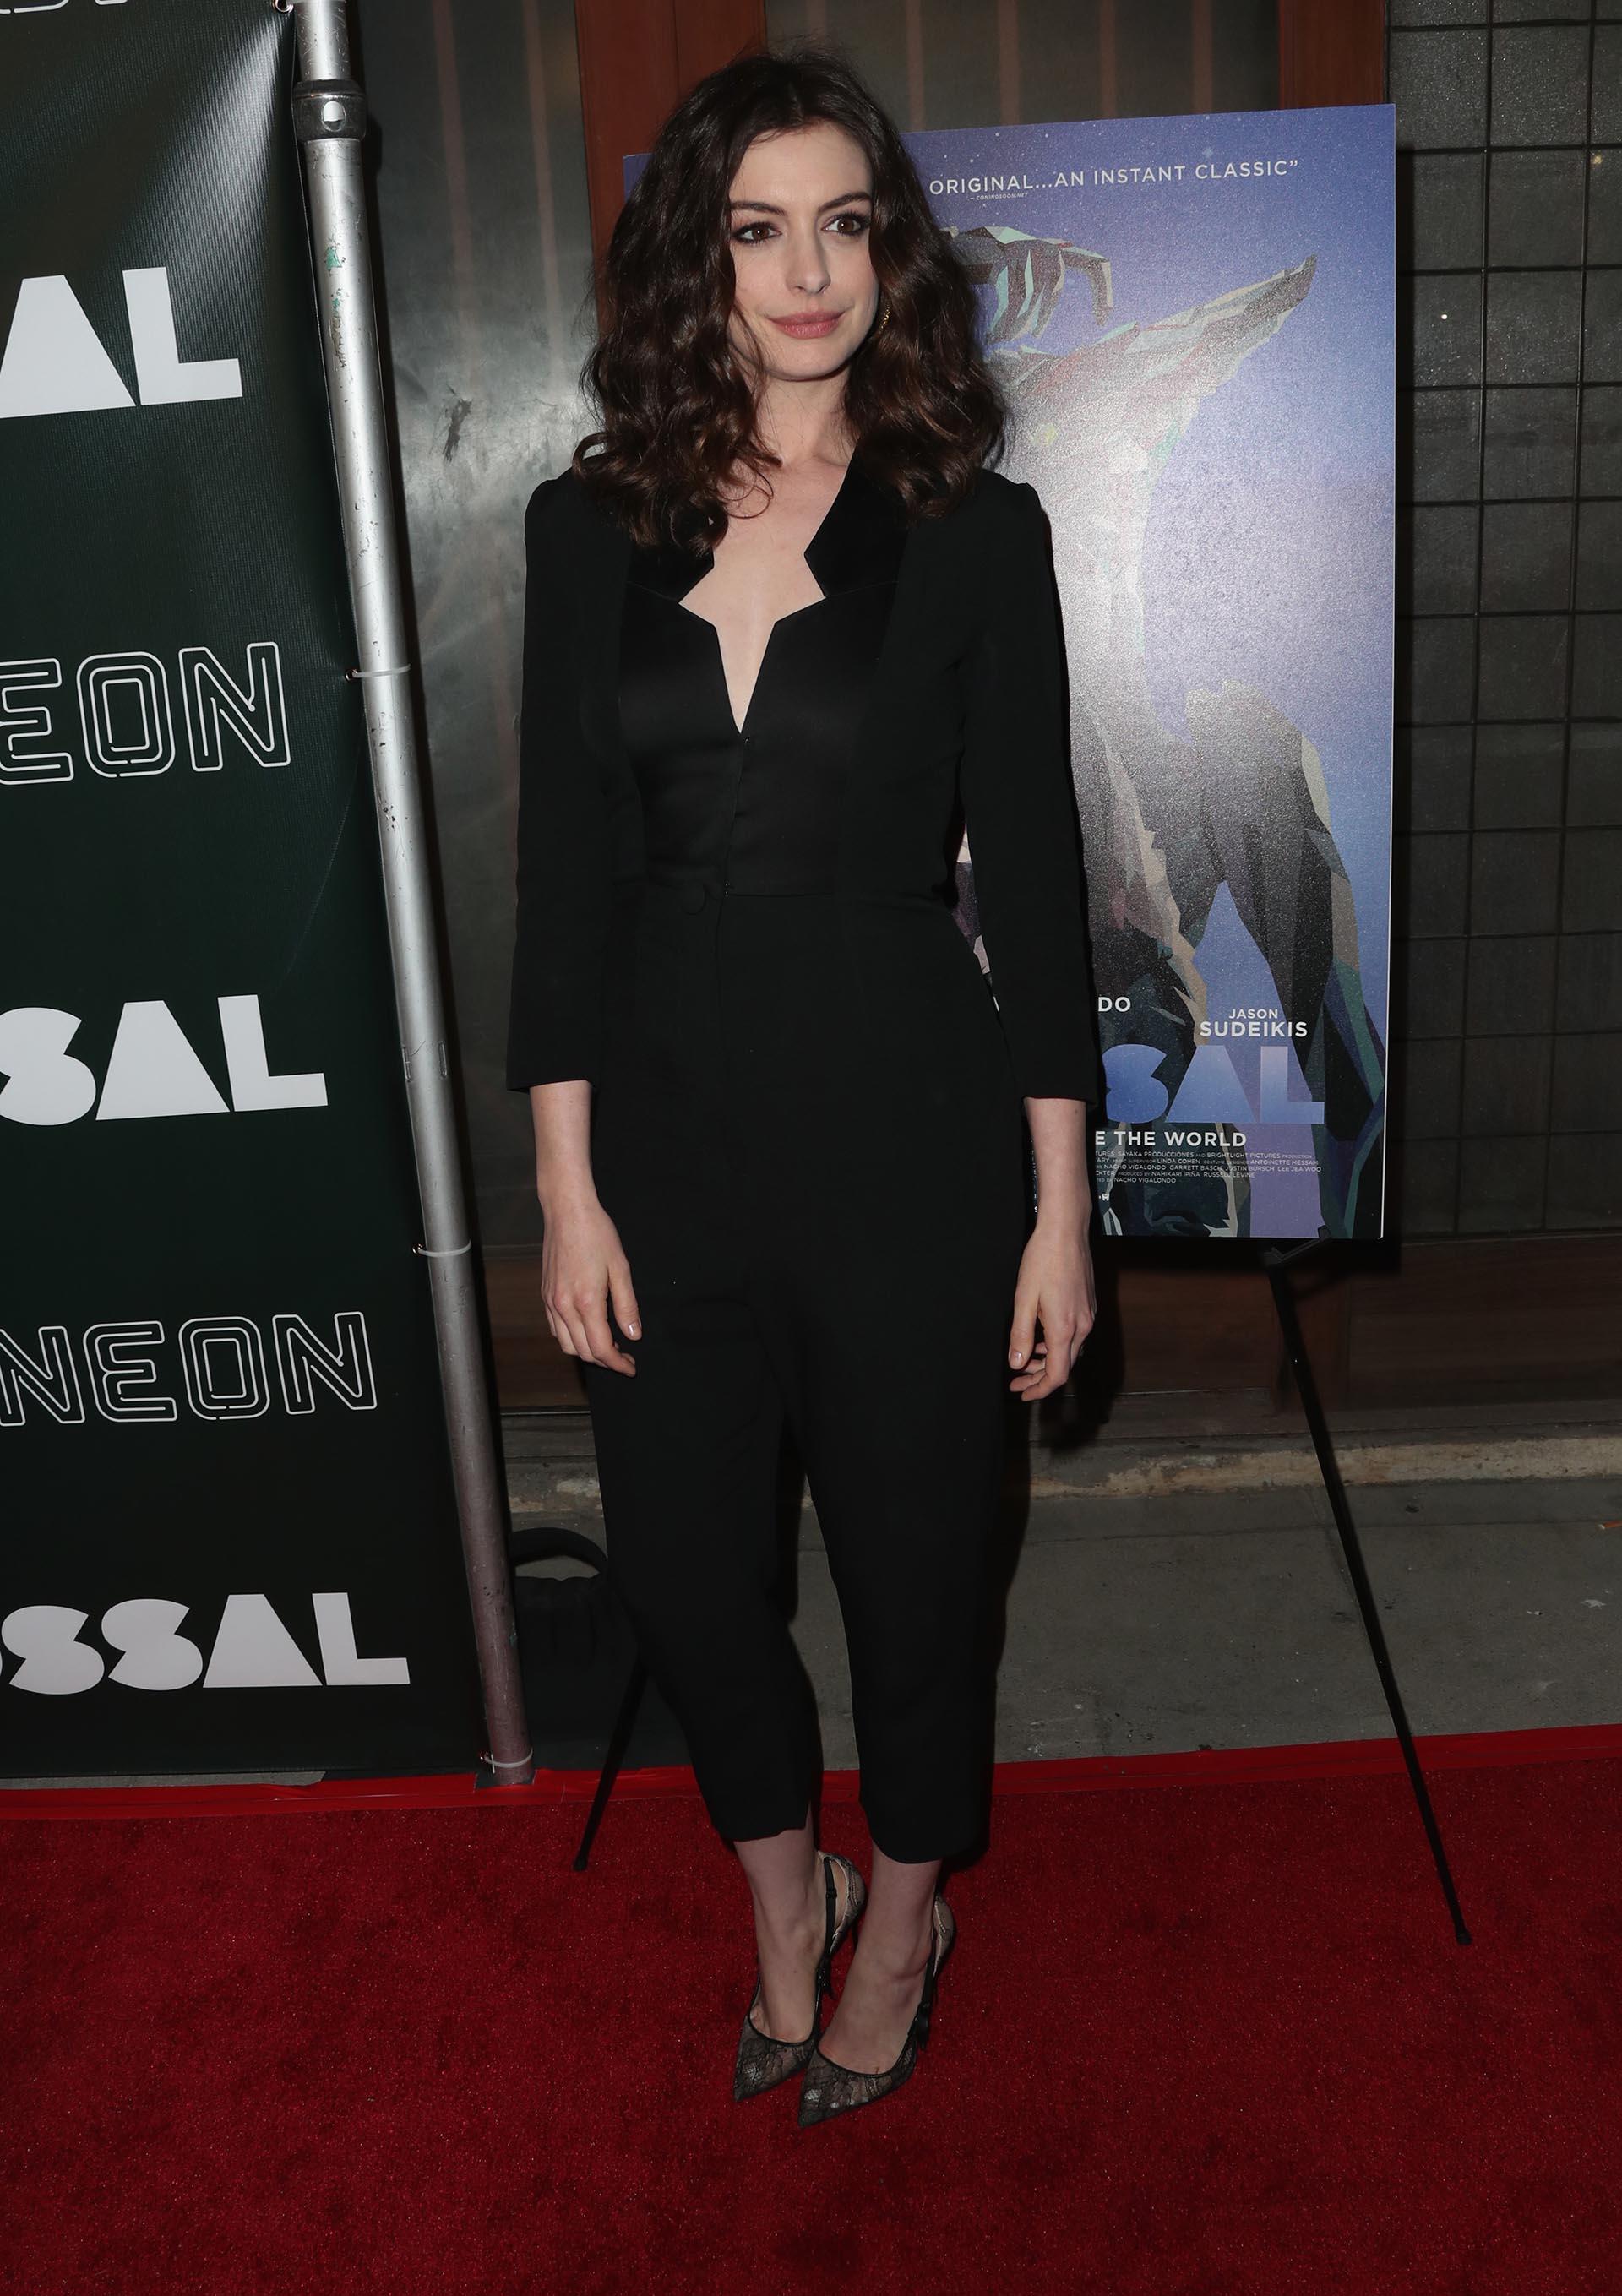 """El arribo de Anne Hathaway, la protagonista de la película """"Colosal"""", al estreno que se llevó a cabo en el Vista Theatre de Los Ángeles, California"""